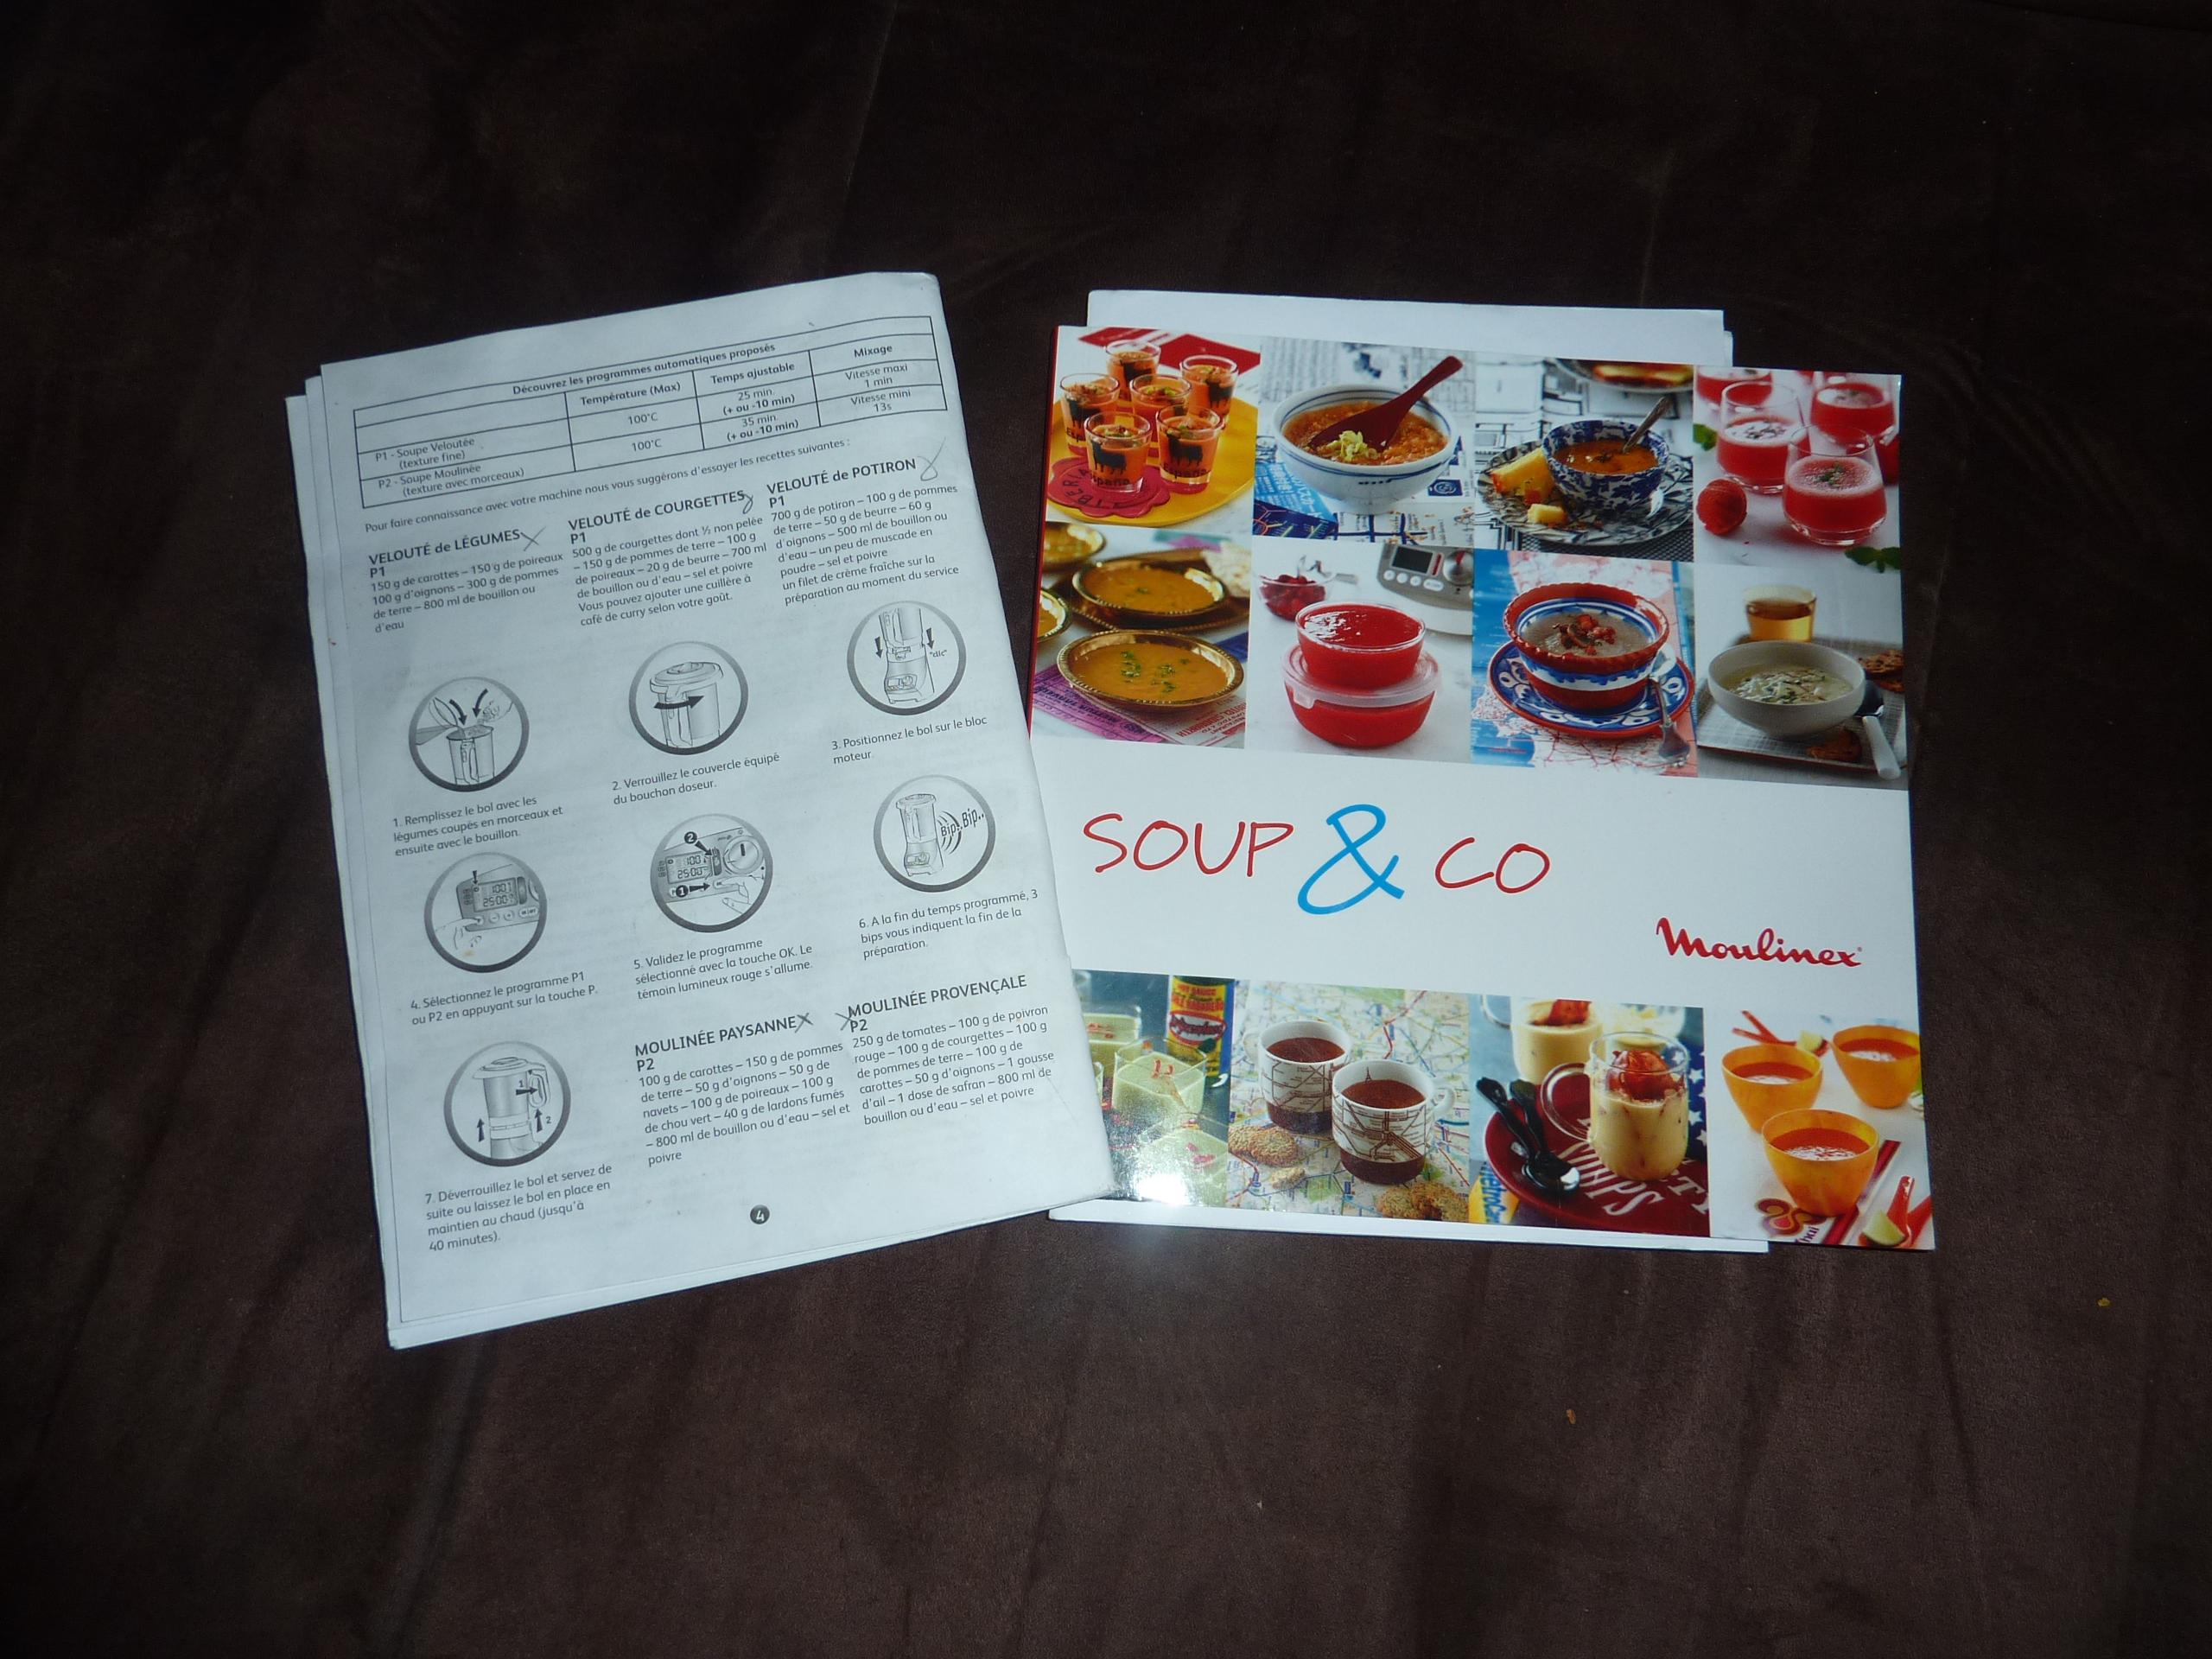 Livre de recette soup and co - Recette moulinex soup and co ...